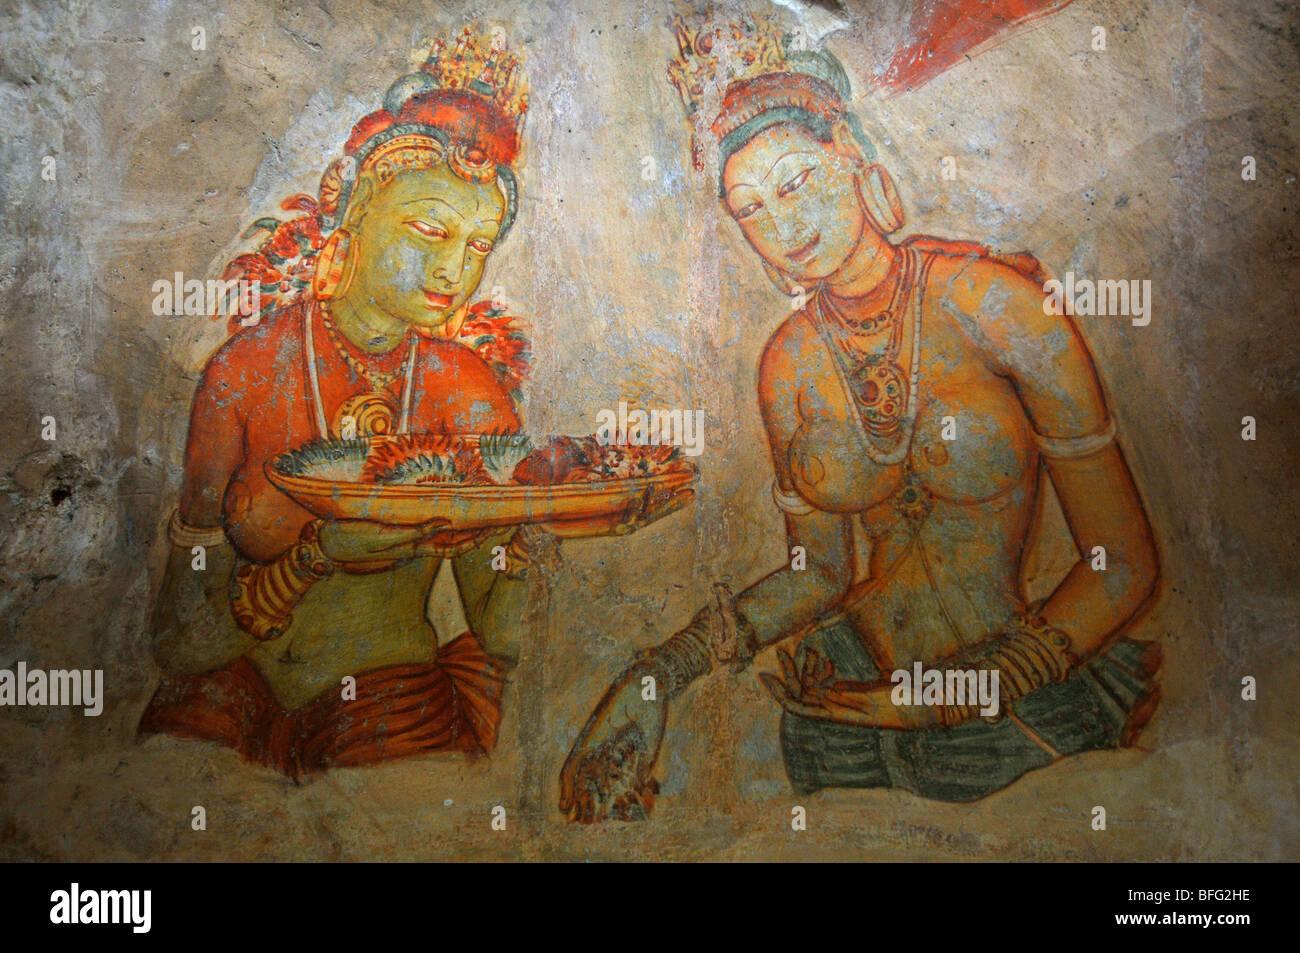 Sigriya wall paintings, Sri Lanka, mural of Asparas or female spirits at Sigriya Rock Fortress, Sri Lanka - Stock Image